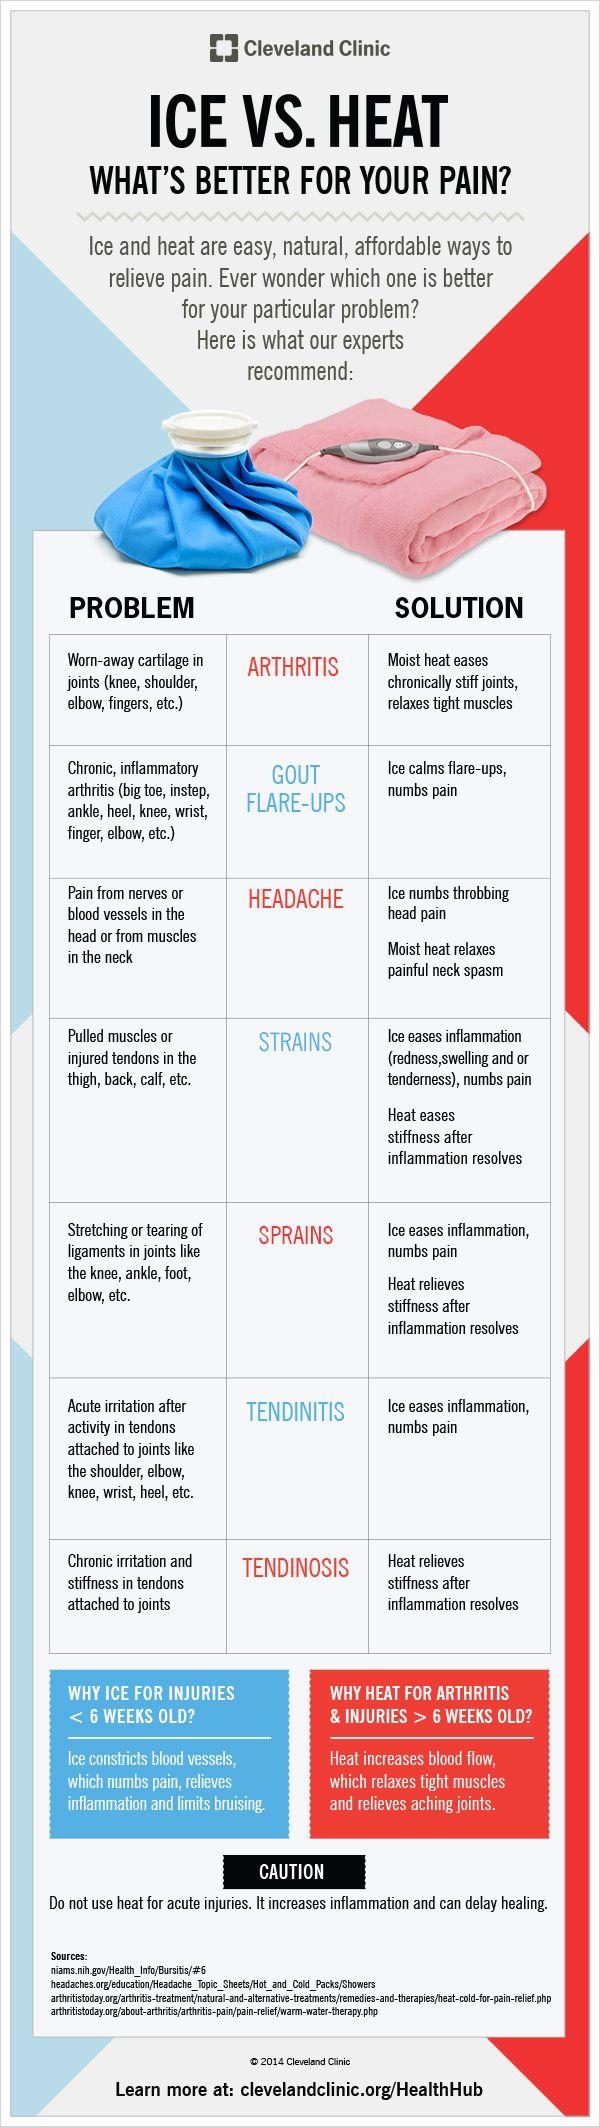 Frío vs. Calor. Cual es el mejor para tu dolor?